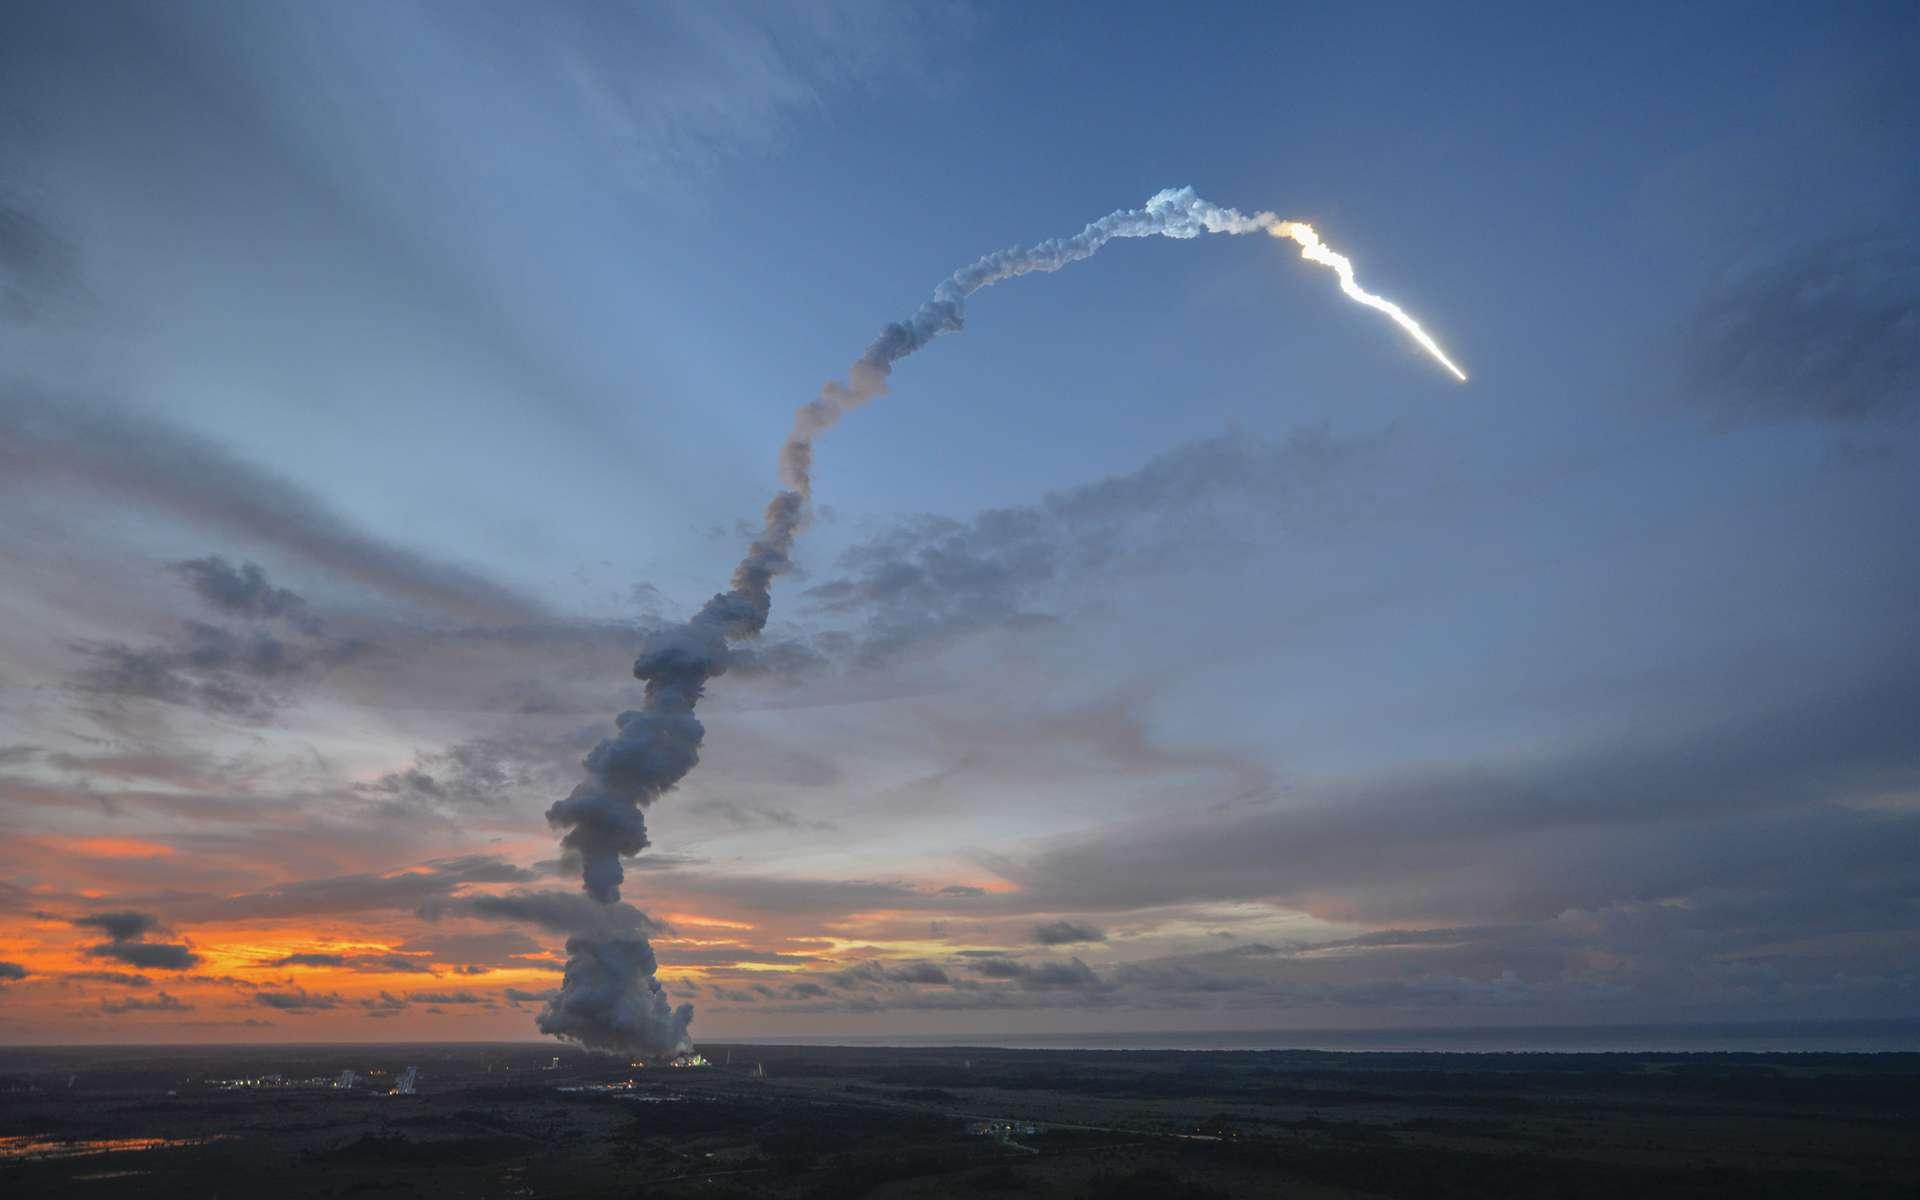 Le lancement ce soir, depuis l'Ensemble de lancement Ariane n°3 (ELA 3) à Kourou, sera le 215e pour une Ariane, toutes familles confondues, et le 71e pour une Ariane 5. Pour le décompte de l'année 2013, il viendra en numéro 4 pour une 5 ECA et en position 5 pour une Ariane, une 5 ES ayant lancé vers l'ISS l'ATV-4 Albert Einstein en juin dernier. © Esa, S. Corvaja